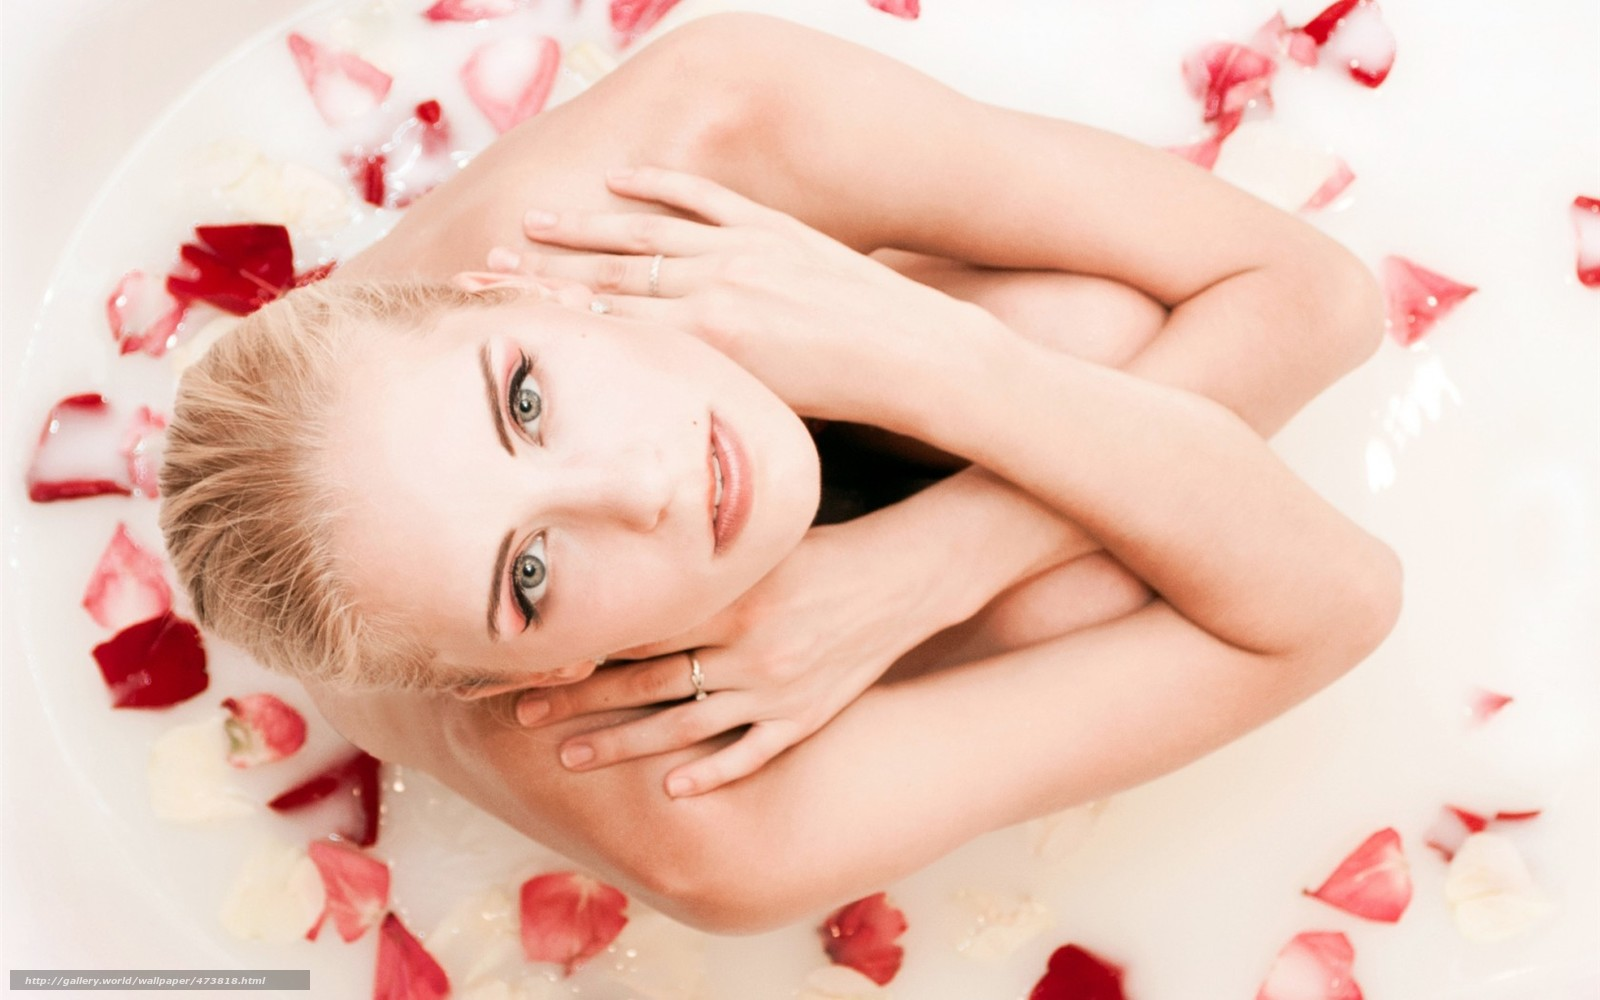 Фото блондинок в ванной 20 фотография